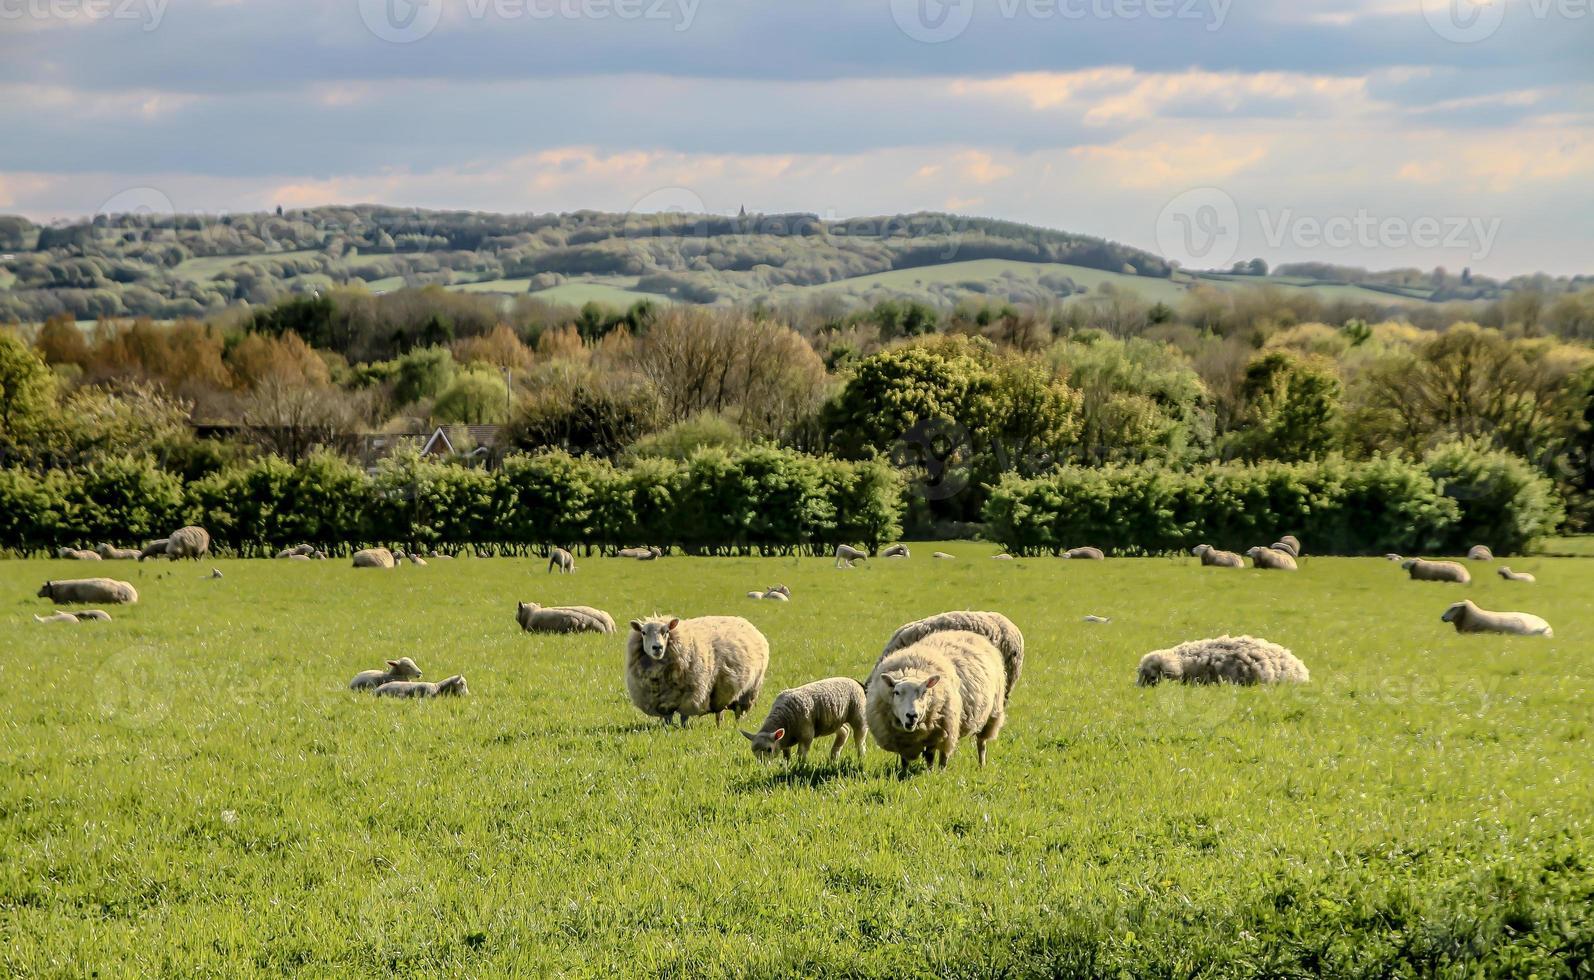 West Lancashire Sheep photo